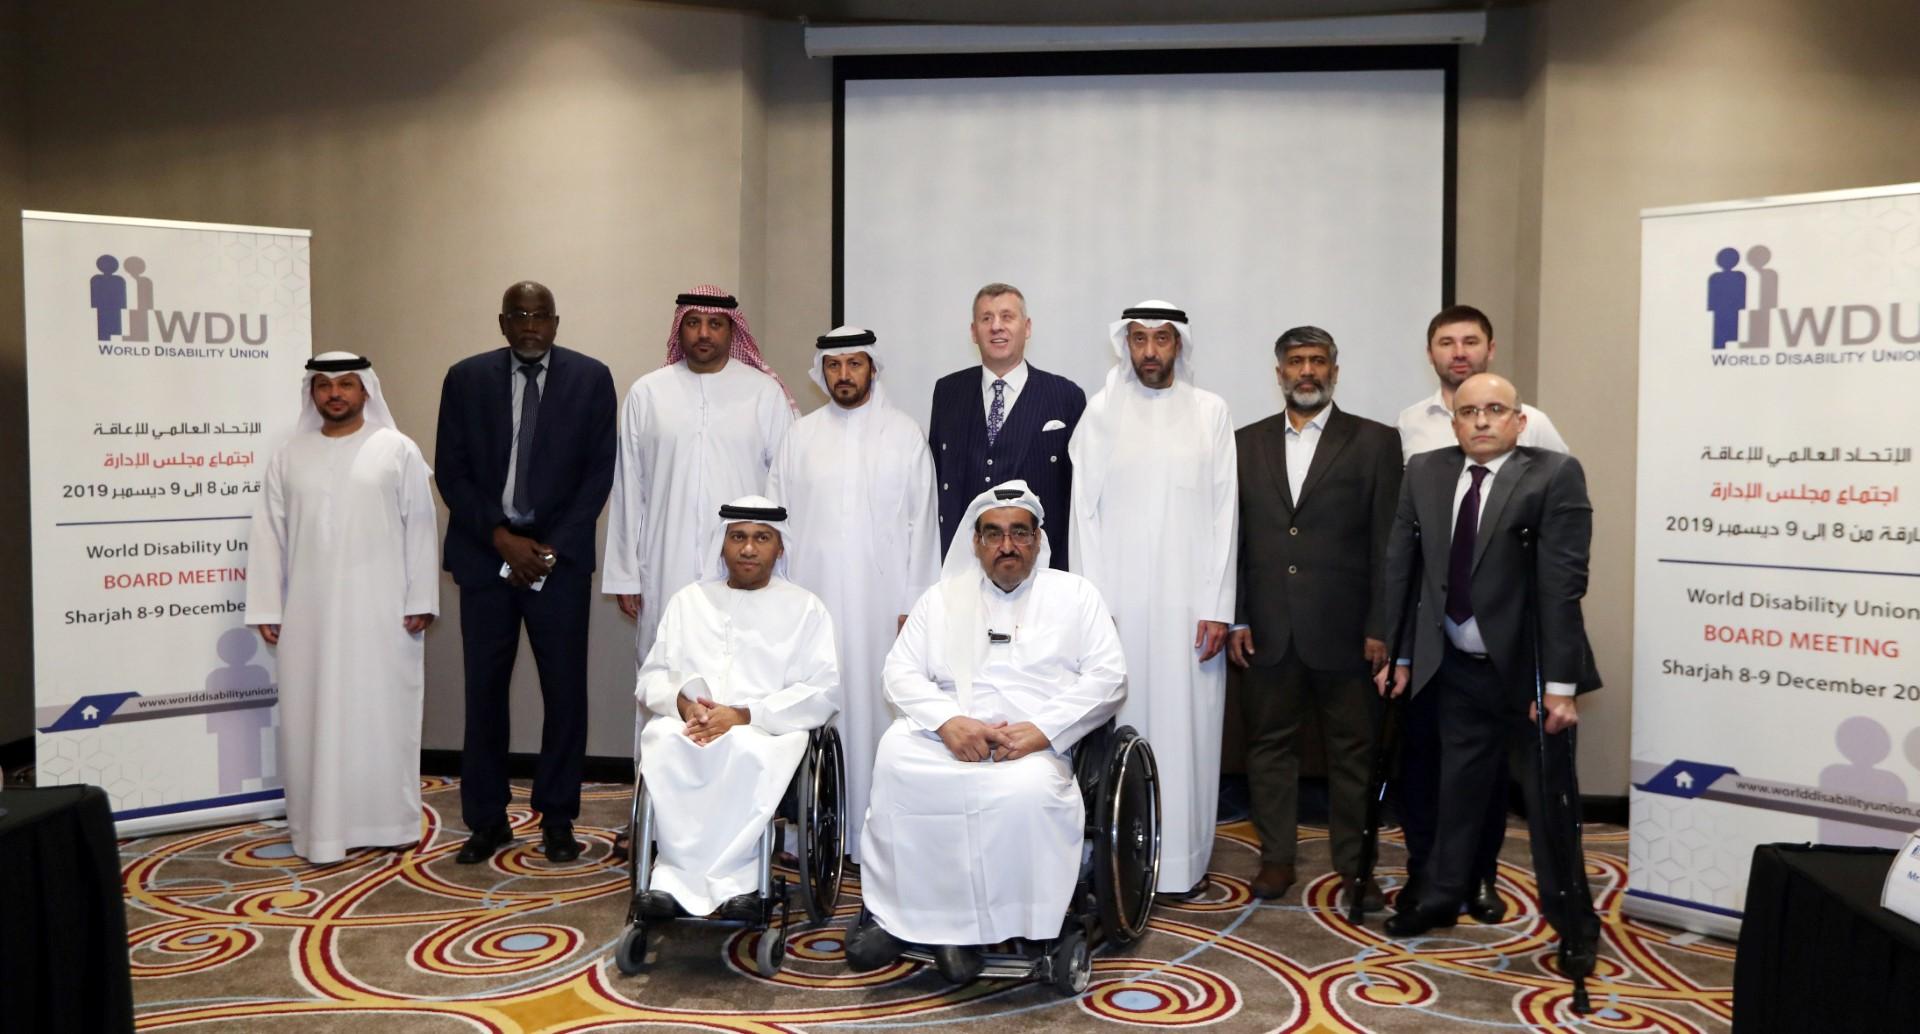 الشارقة تستضيف جلسات اجتماع الاتحاد العالمي للإعاقة